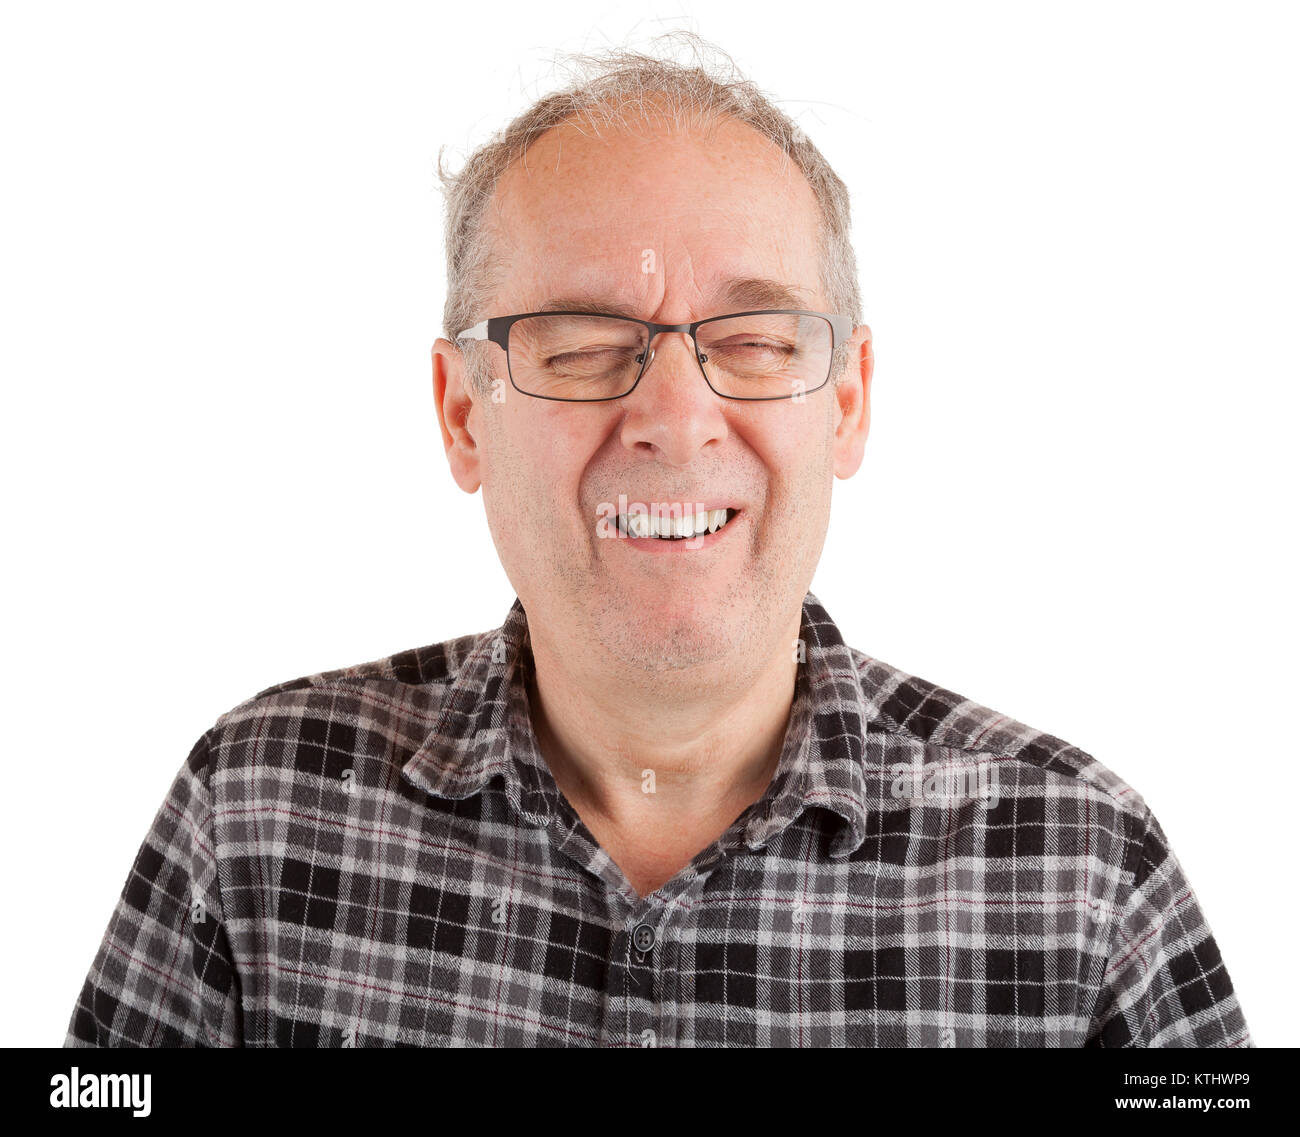 El hombre riendo hard Imagen De Stock